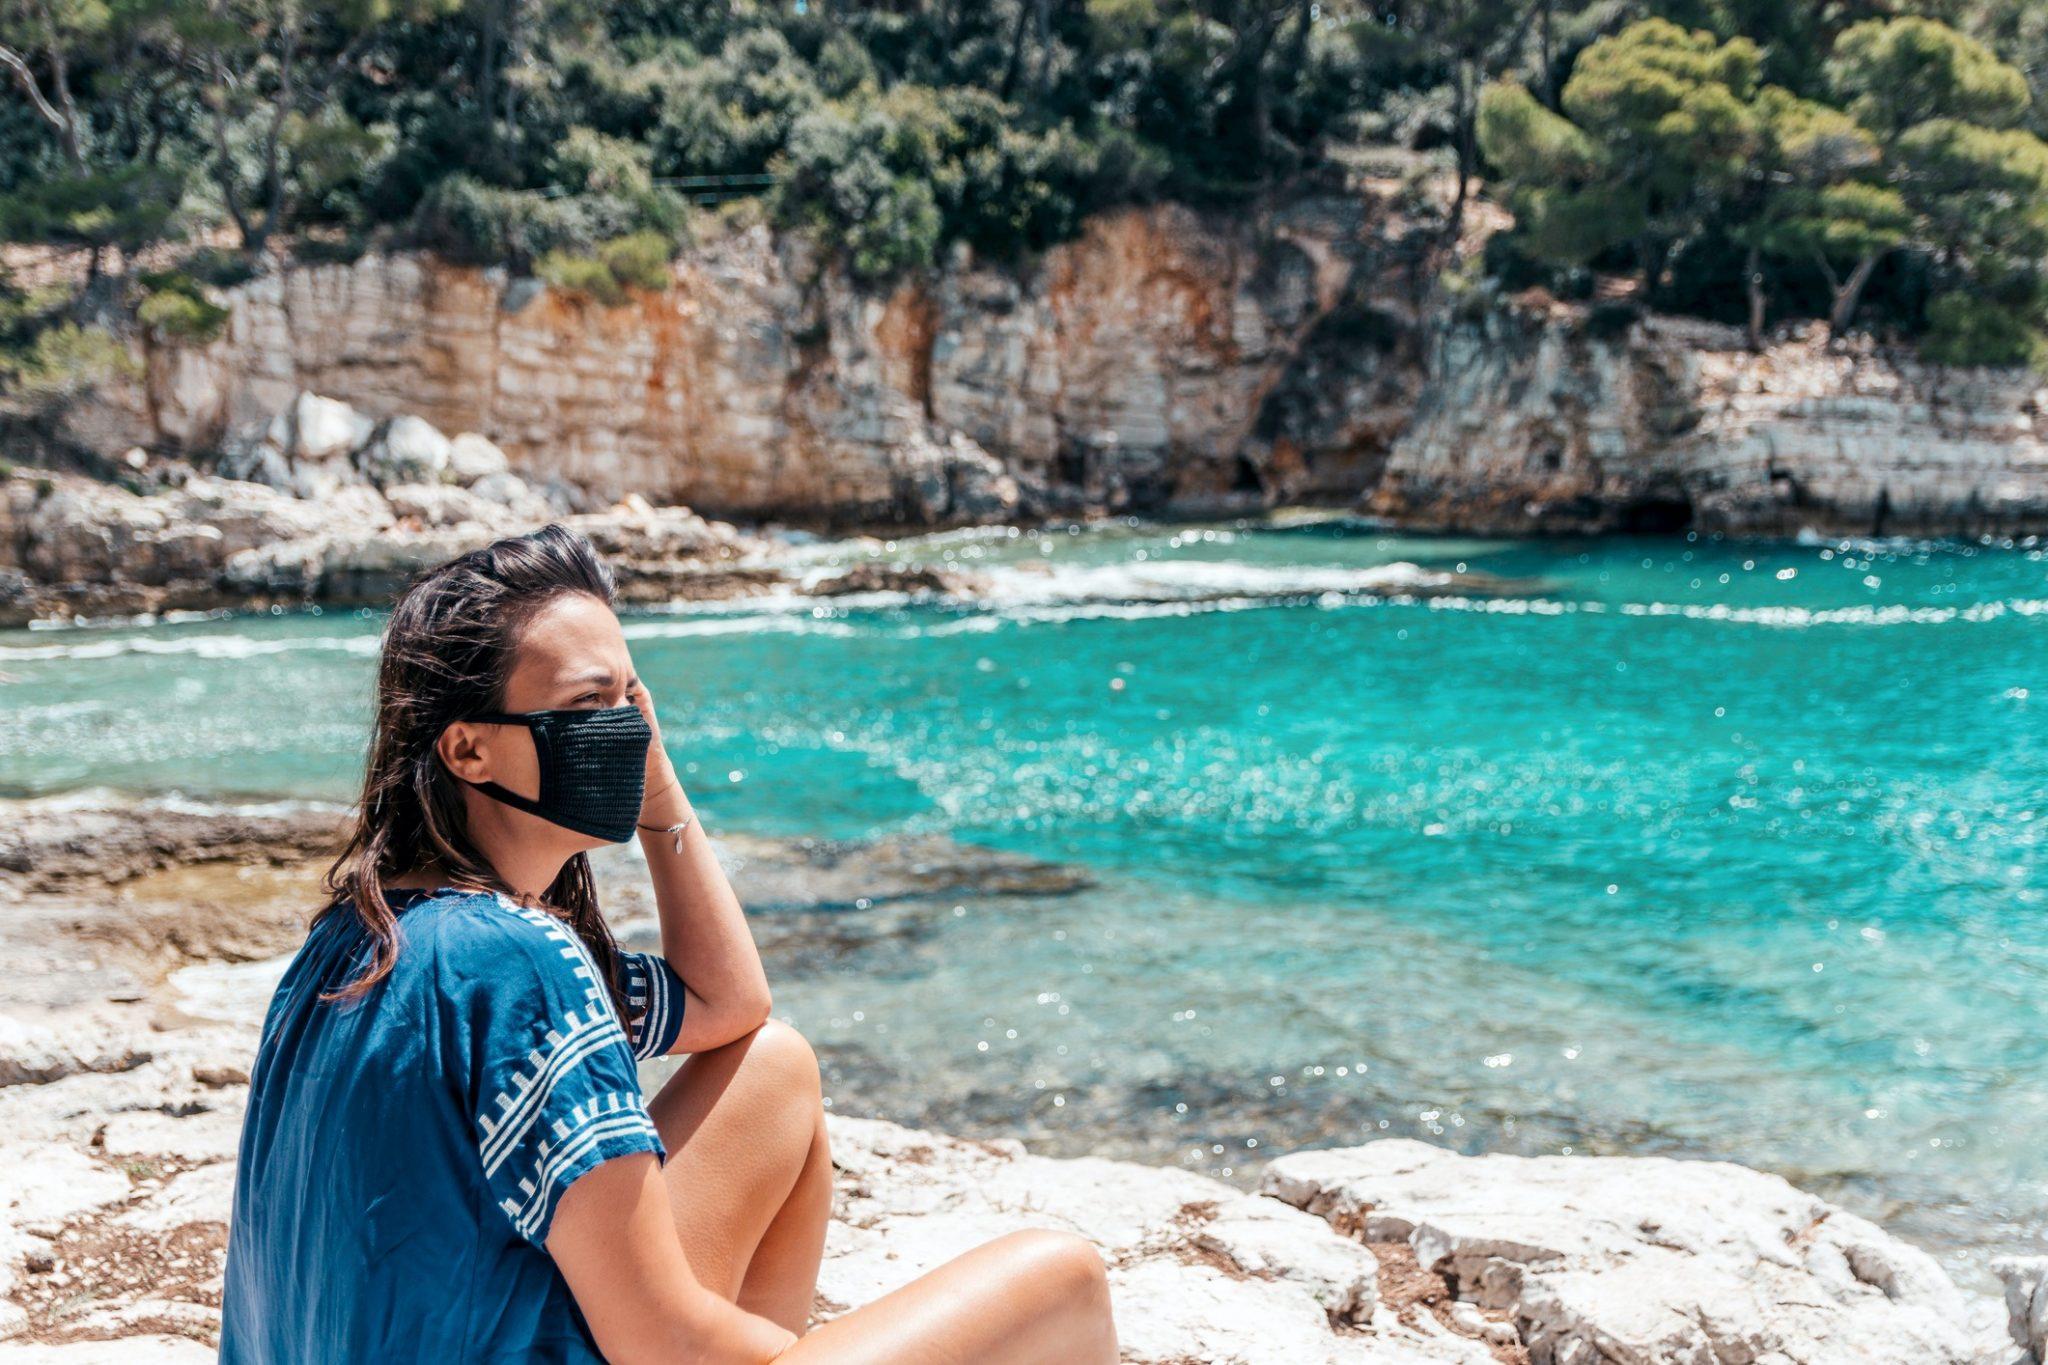 Dit zijn de mooiste reisbestemmingen in Kroatië - 4